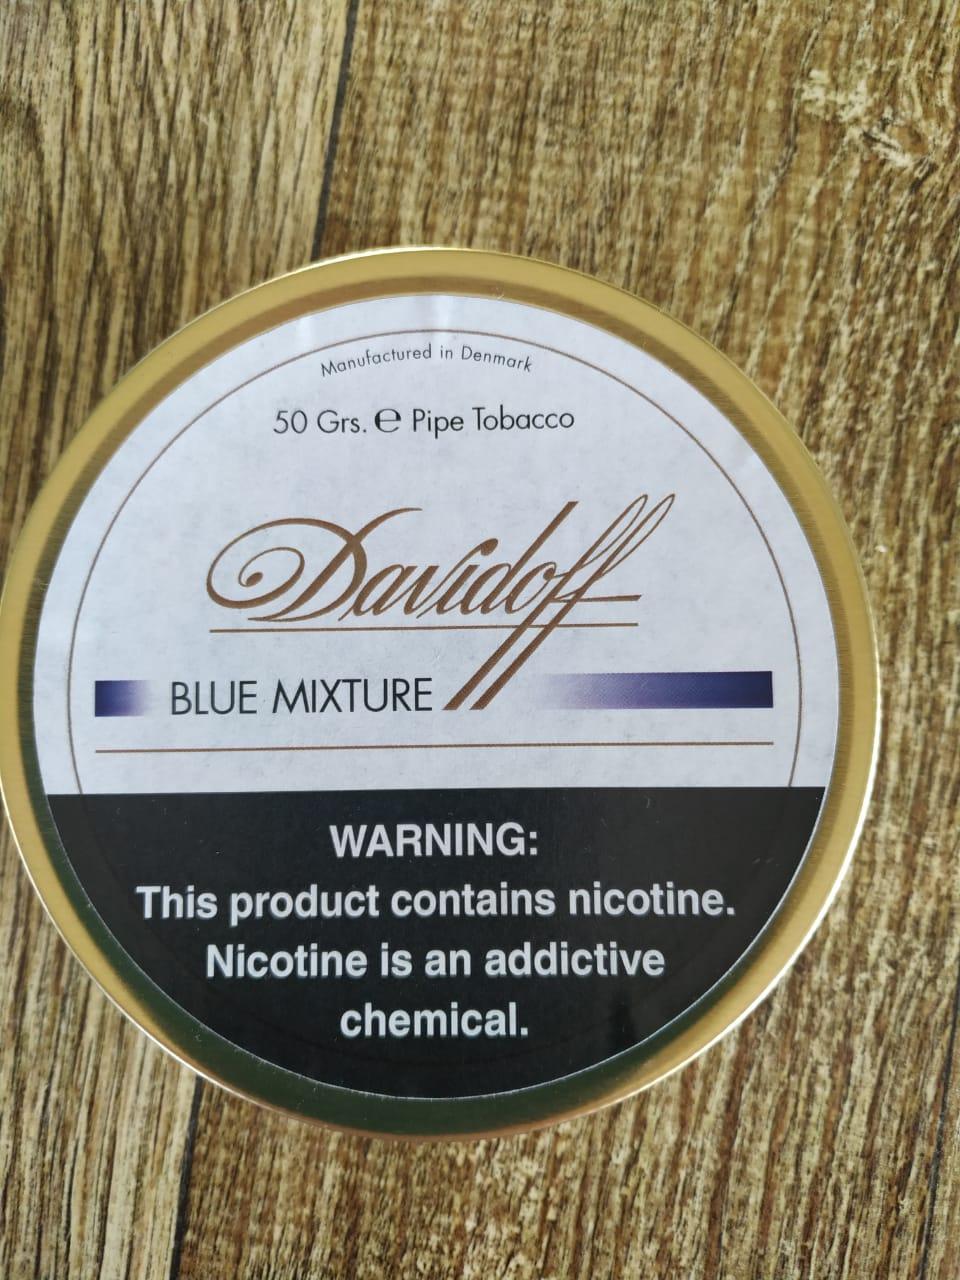 Davidoff - Blue Mixture